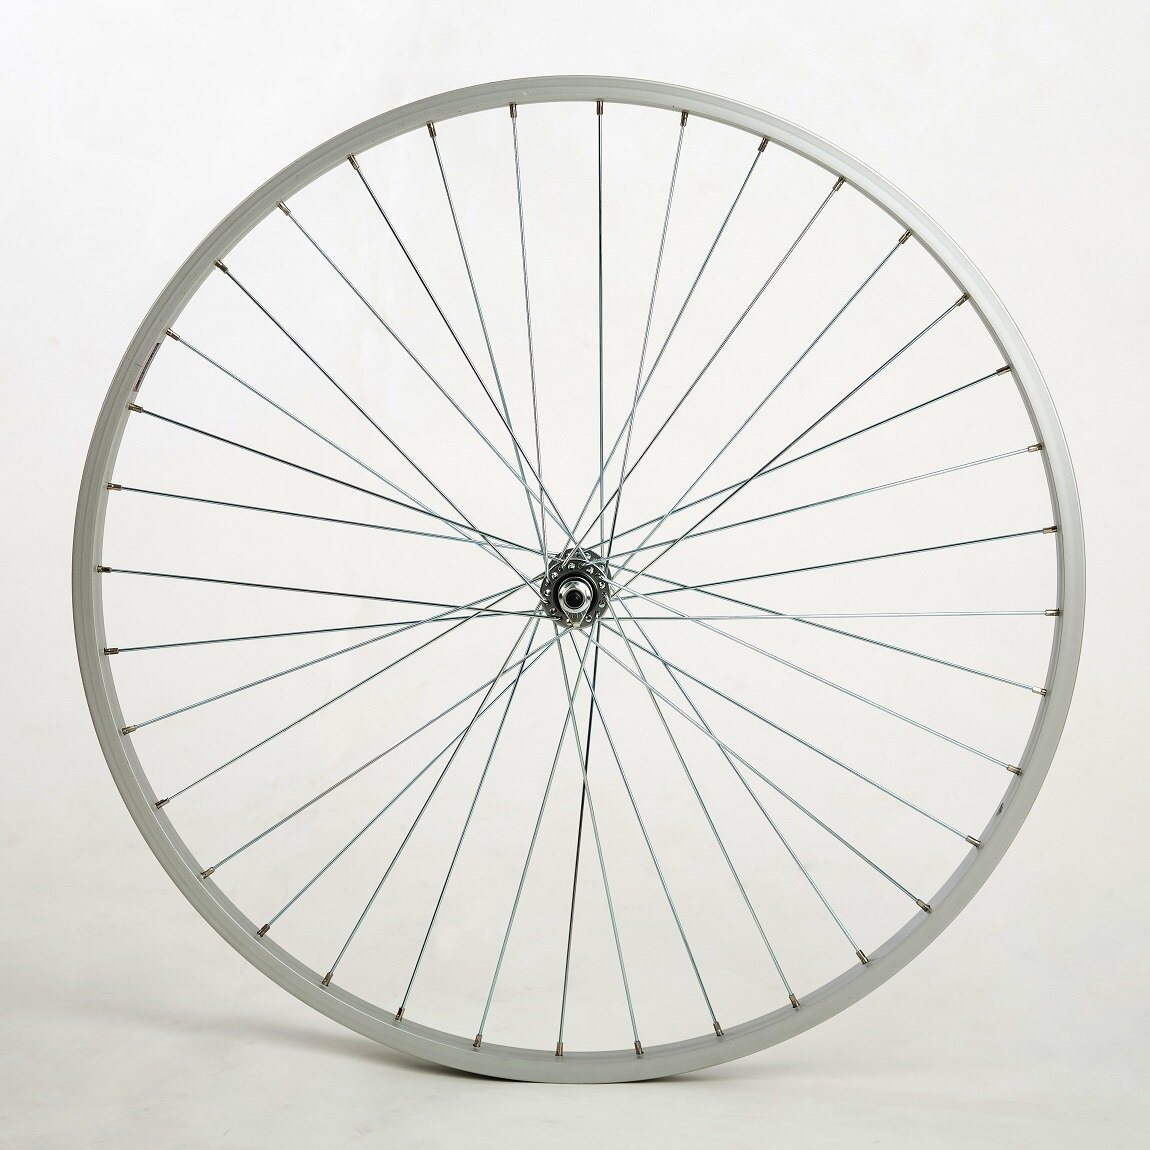 24吋淑女車 單層鋁合金輪組 --前輪組、單速後輪組--可挑選《意生自行車》